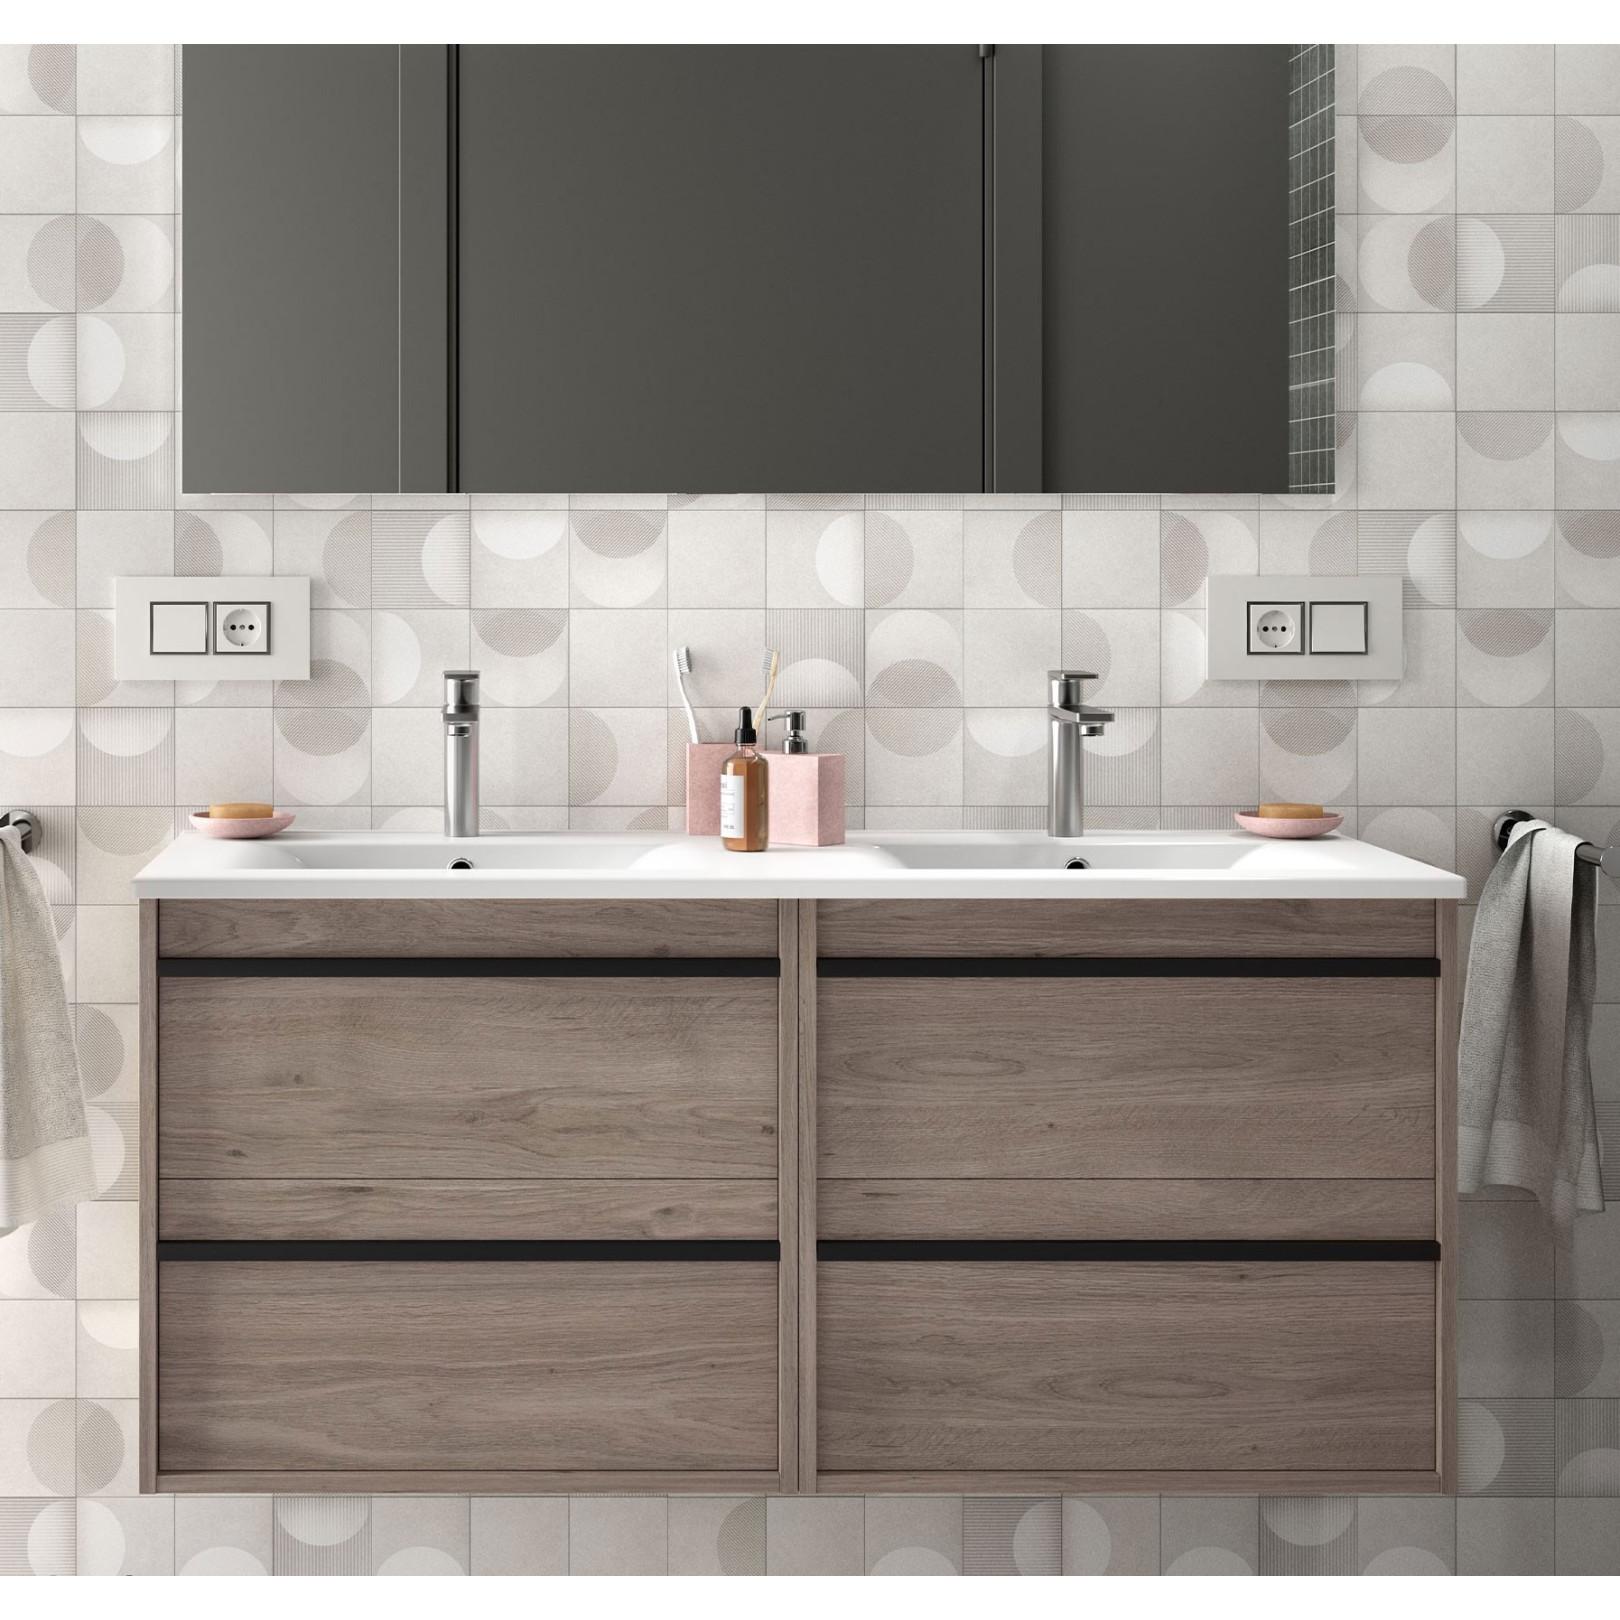 Meuble bain suspendu Noja 1200, stratifié bois ou laqué avec plan double vasque céramique